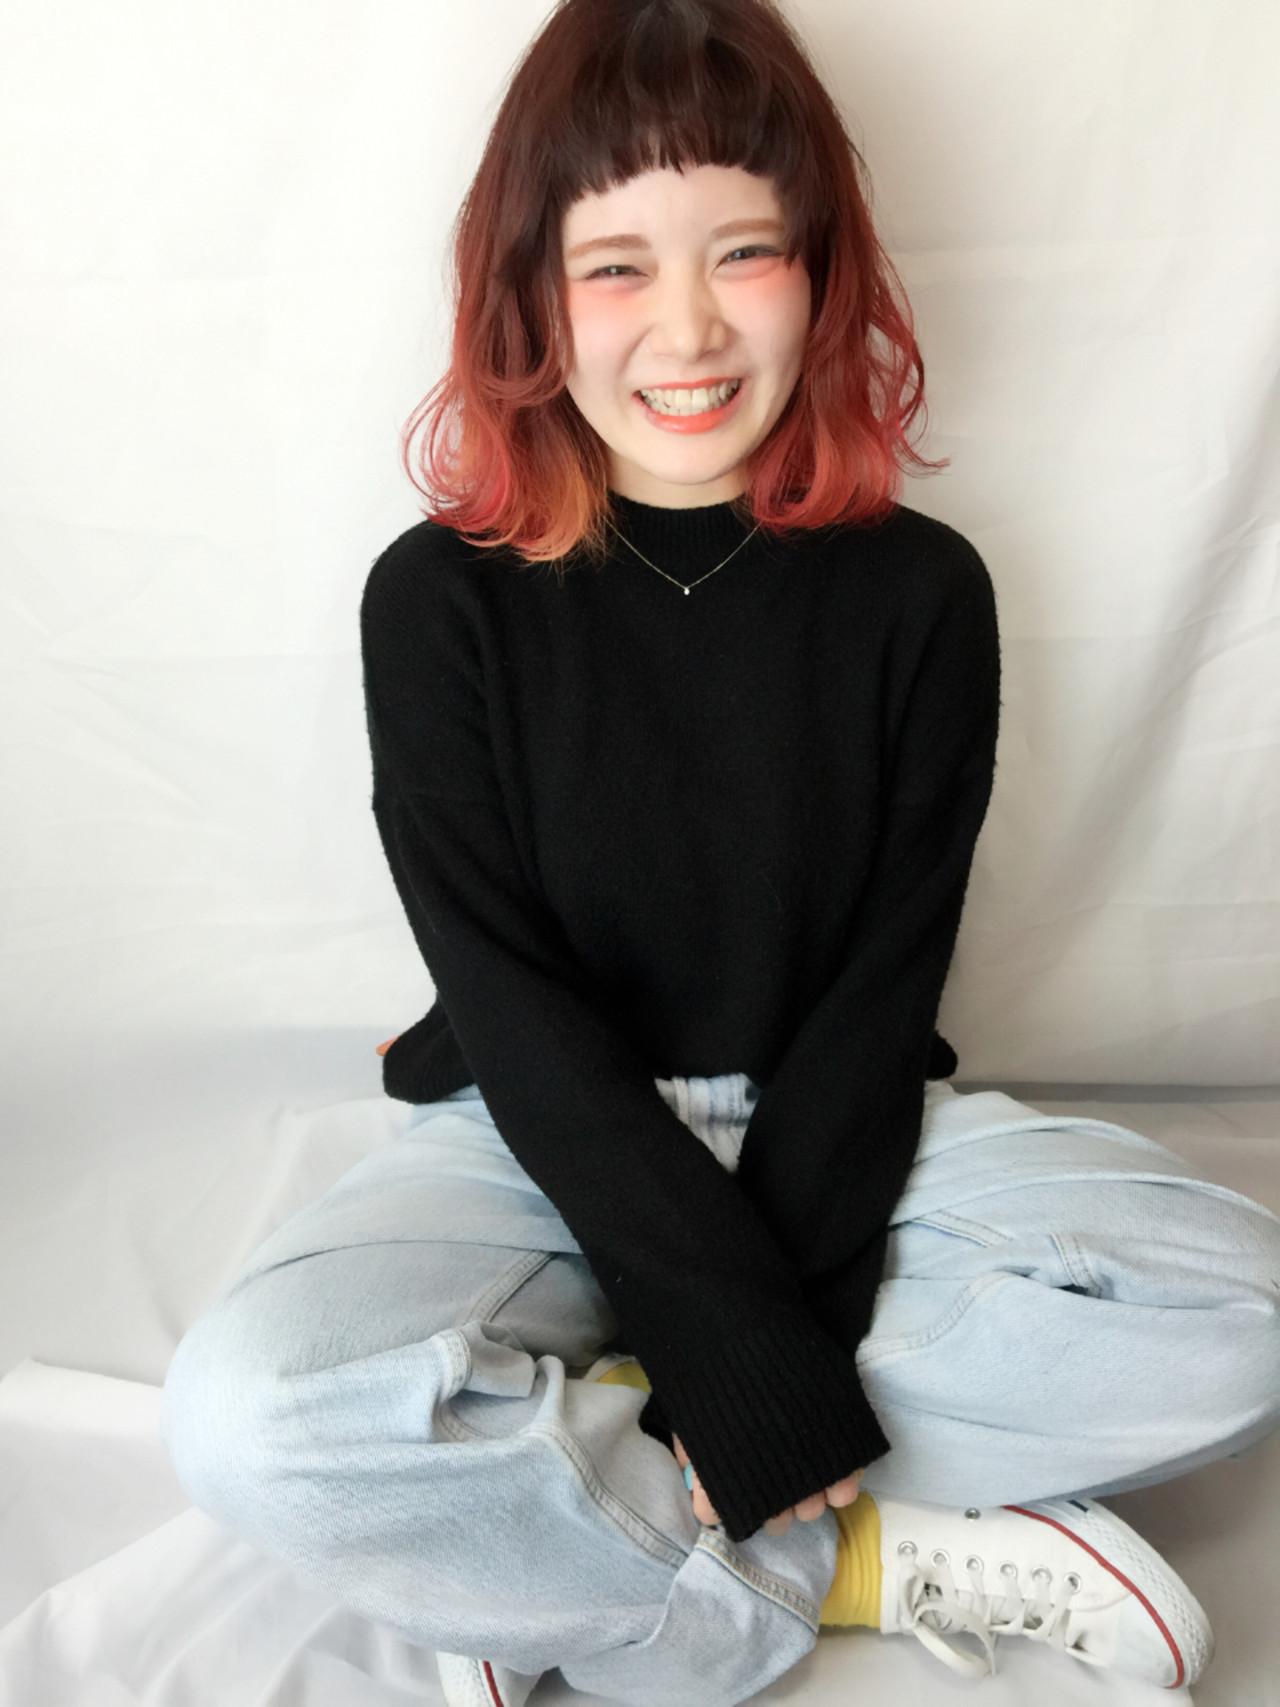 前髪あり ストリート オン眉 ミディアム ヘアスタイルや髪型の写真・画像 | 菊池 綾子 / AliceHairDesign